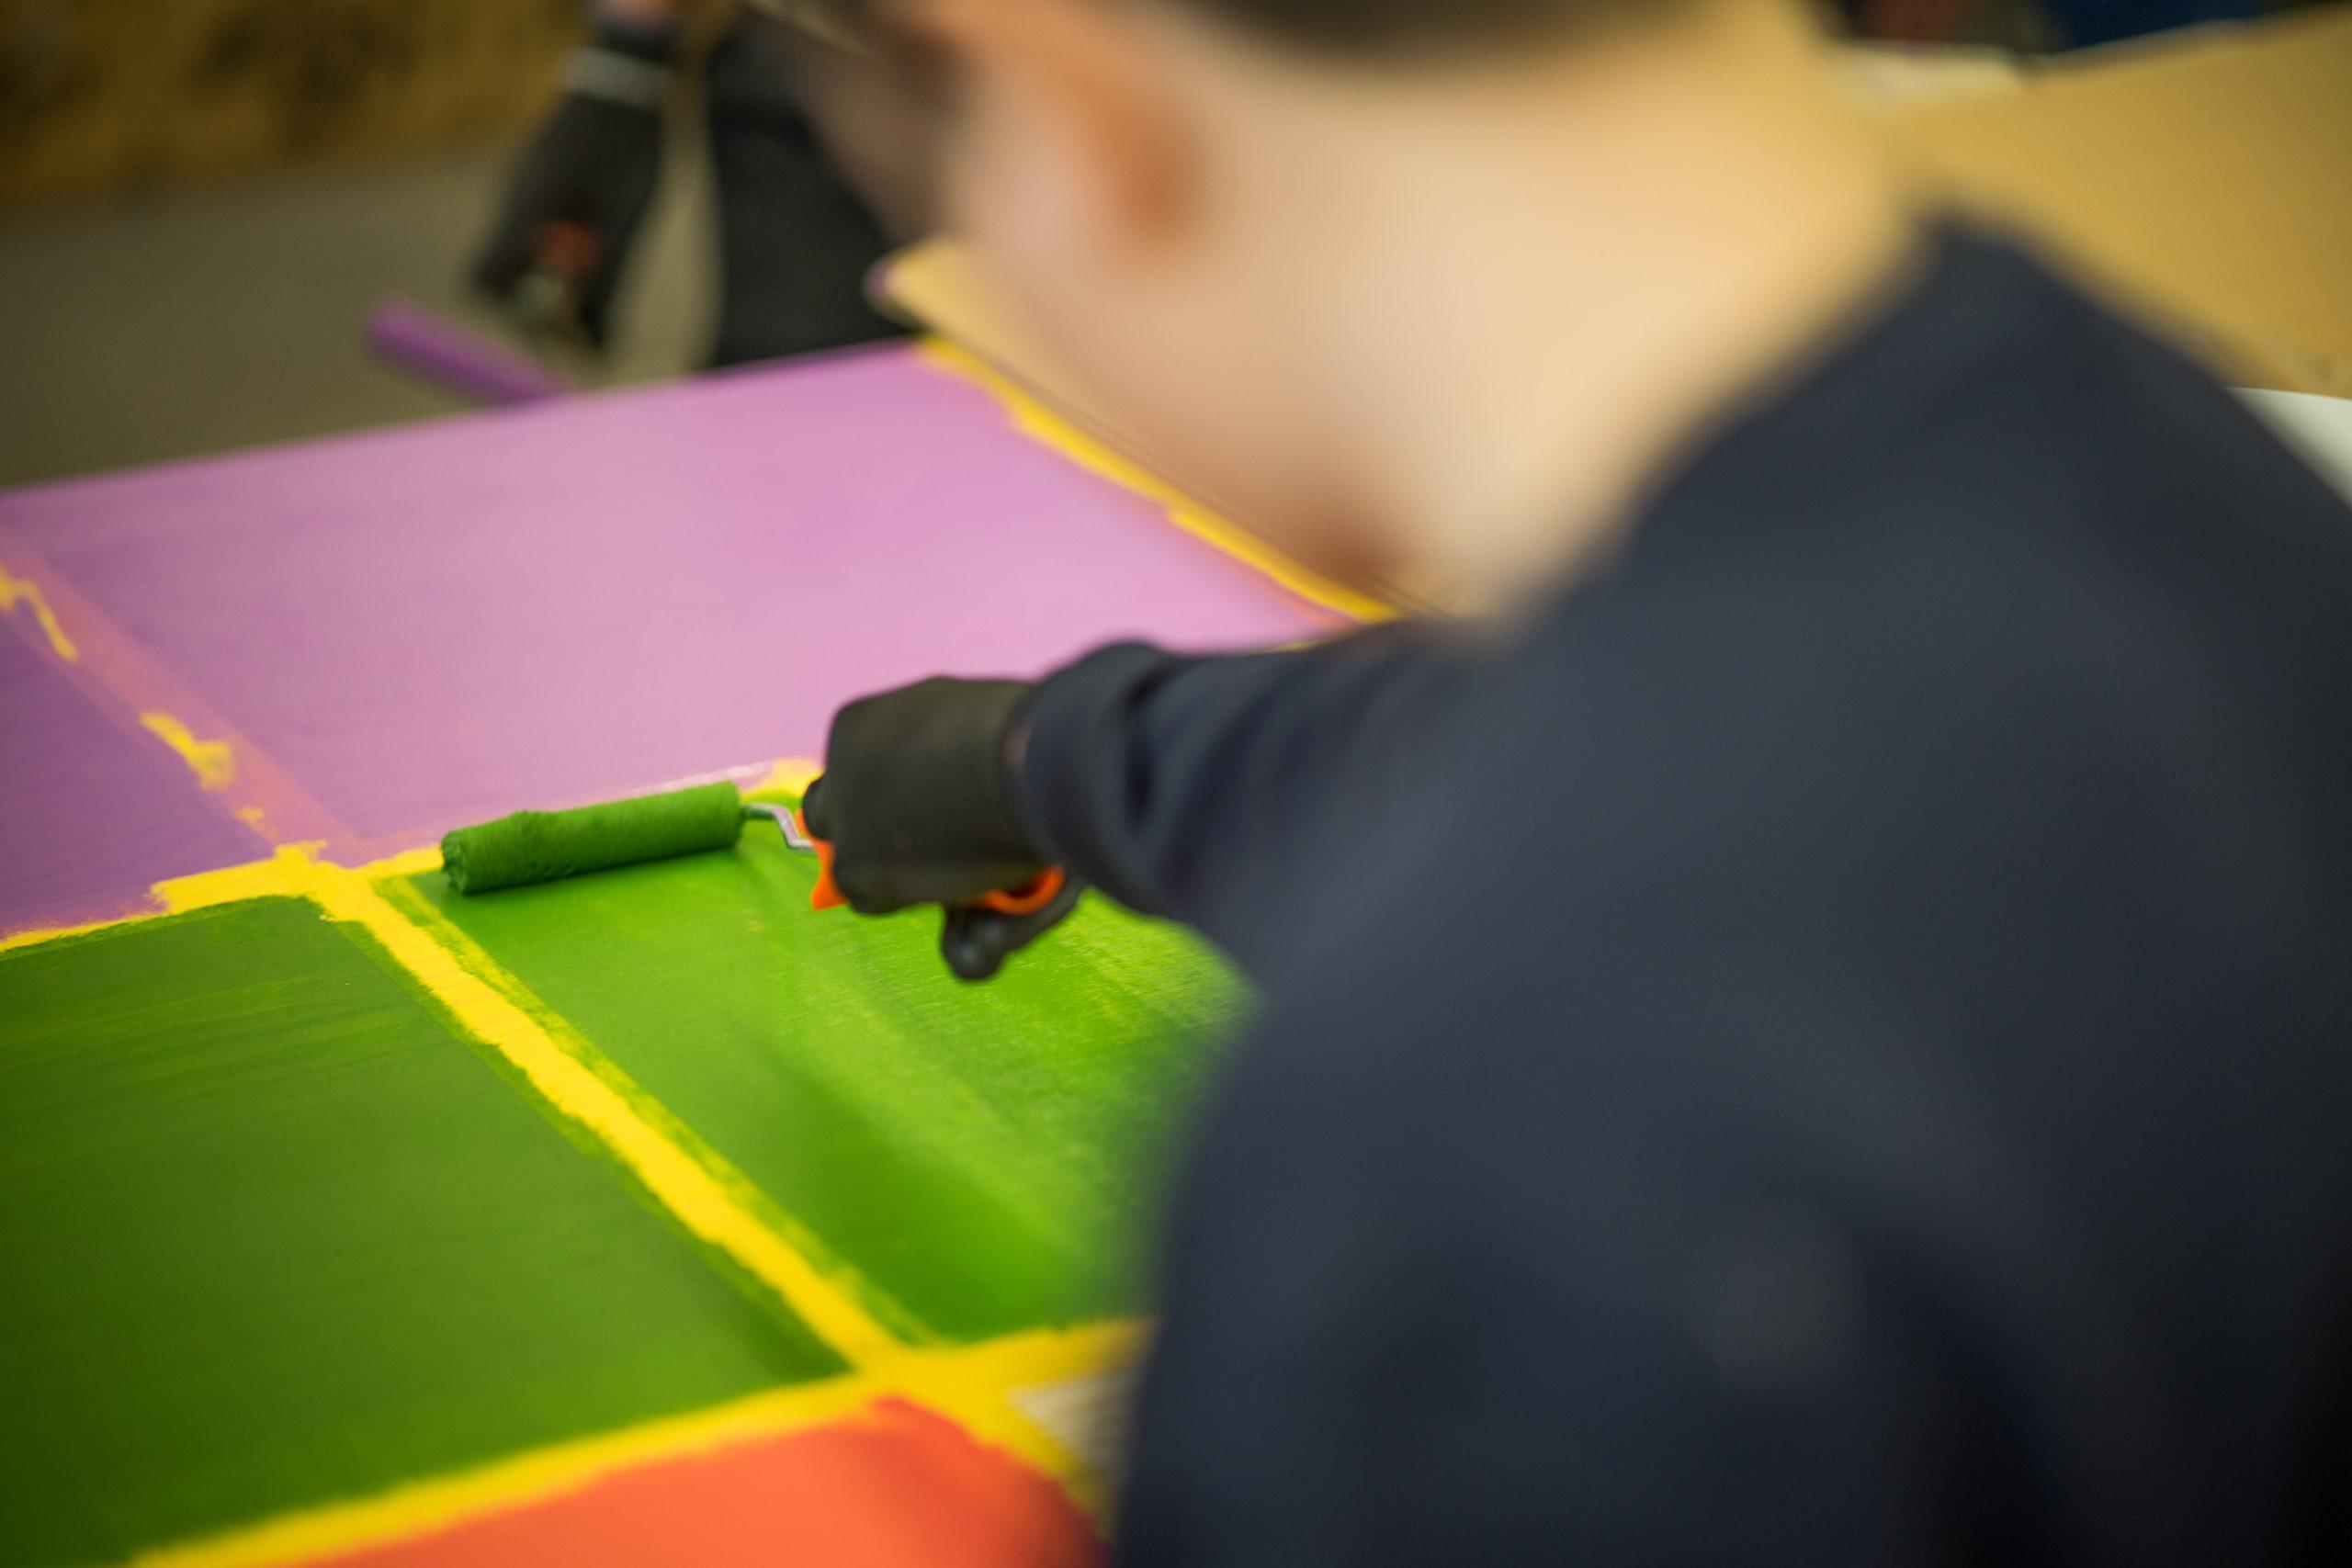 Eine Person streicht ein abgeklebtes Viereck auf einem Holzbrett grün.